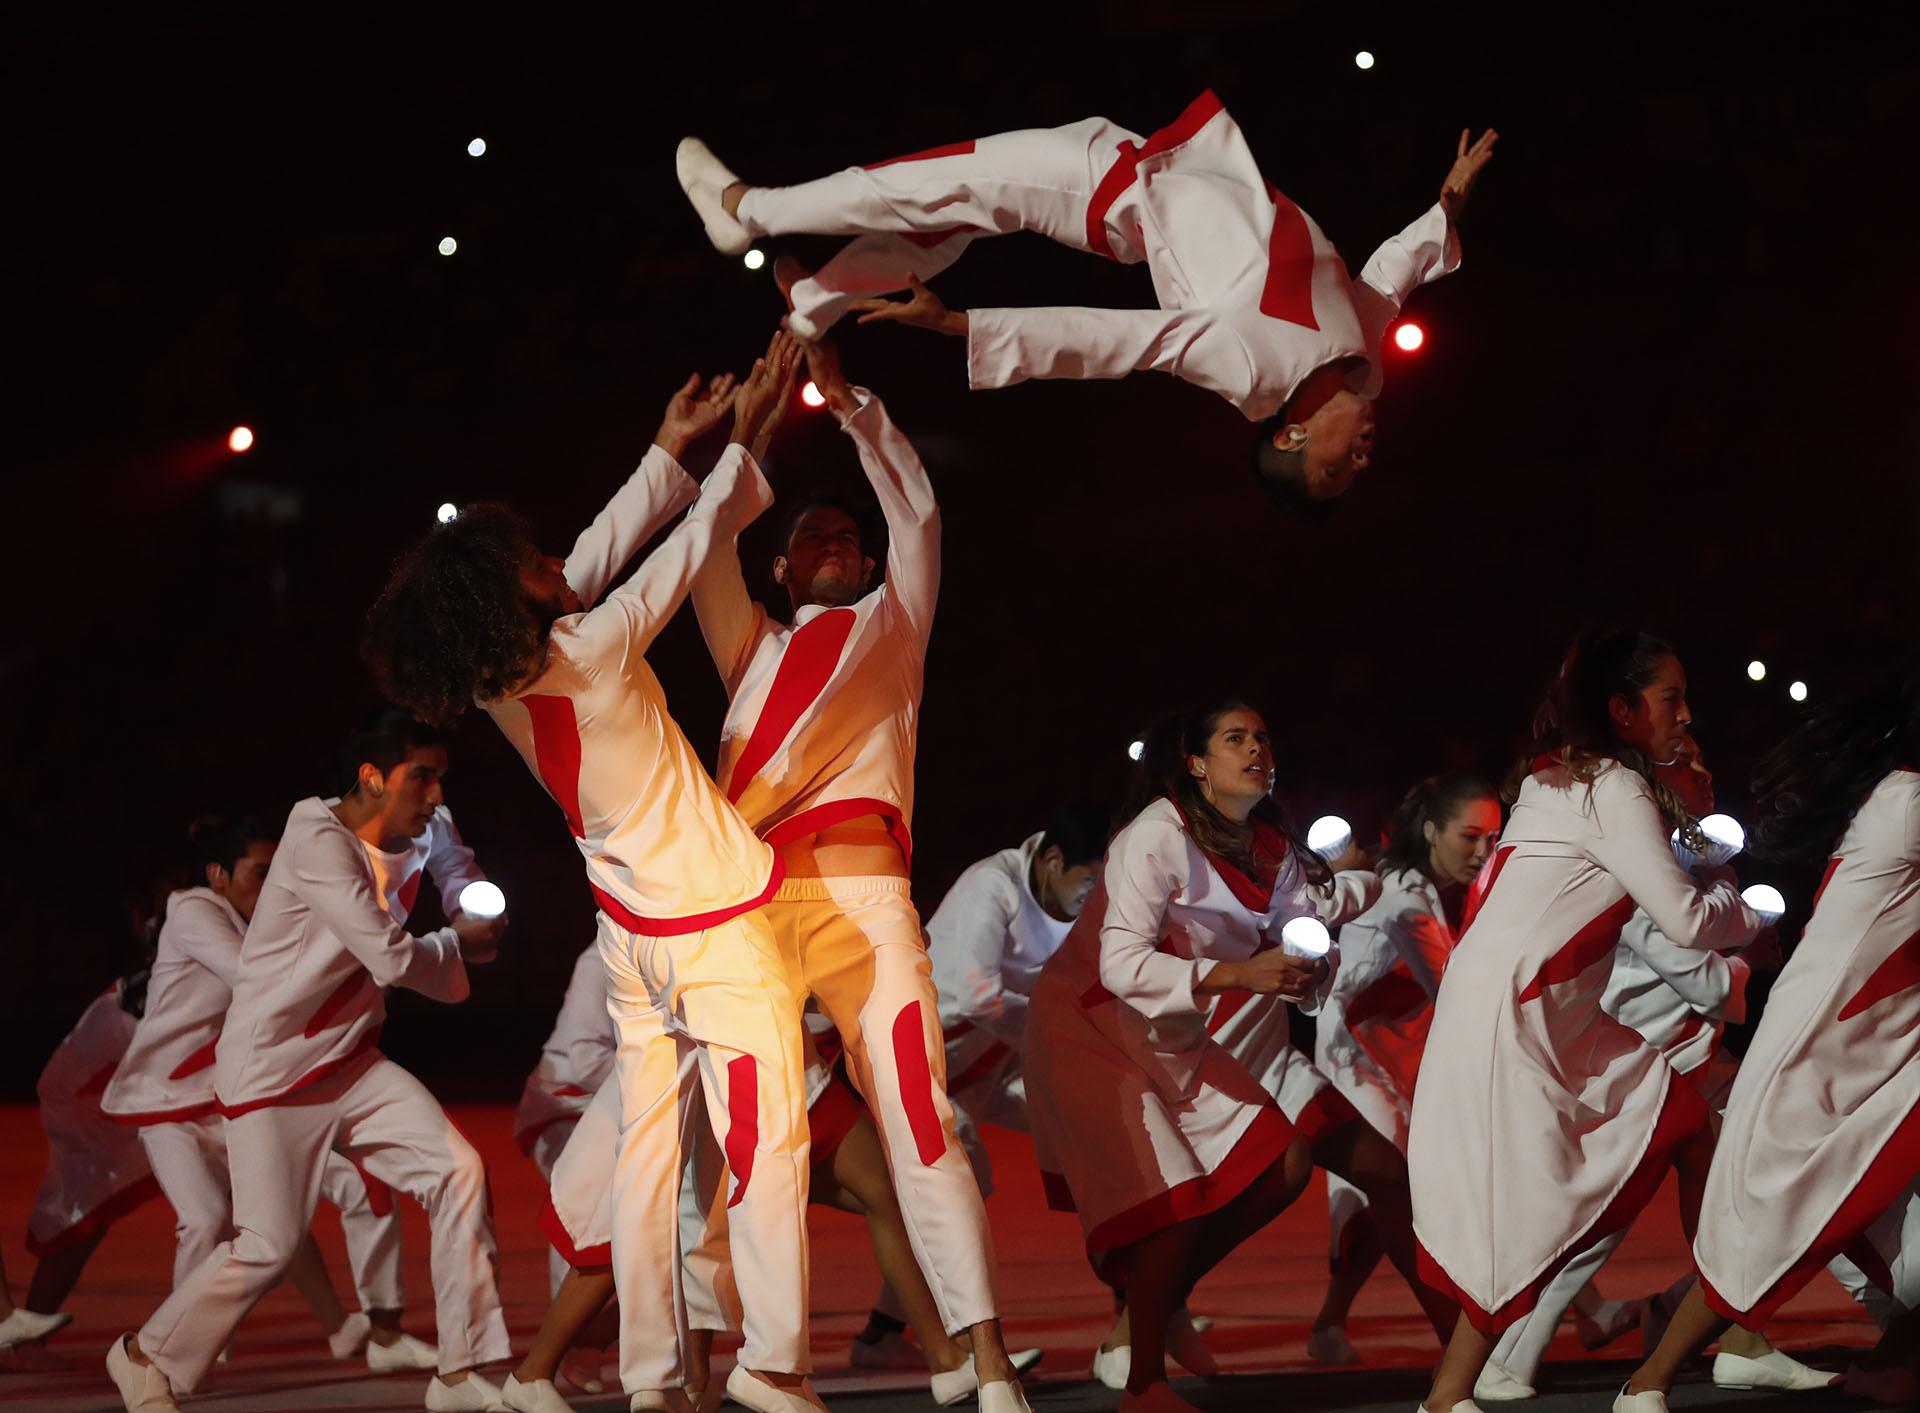 La ceremonia de apertura de Lima 2019 se llevó a cabo en la víspera de los festejos del Día de la Independencia de Perú (REUTERS/Susana Vera)